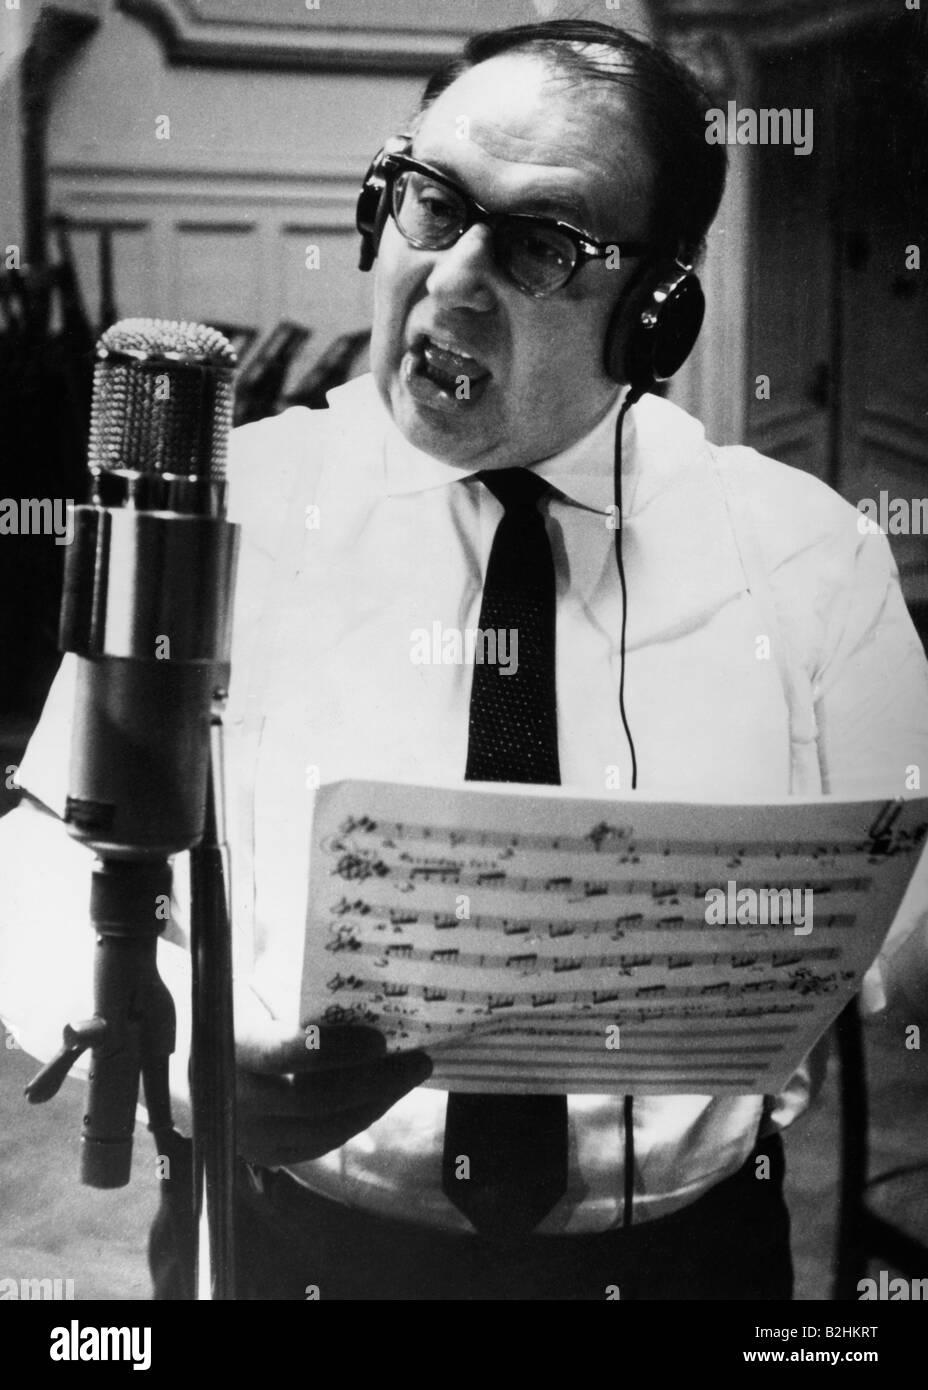 Erhardt, Heinz, 20 2 1909 - 5 6 1979, German actor, half length